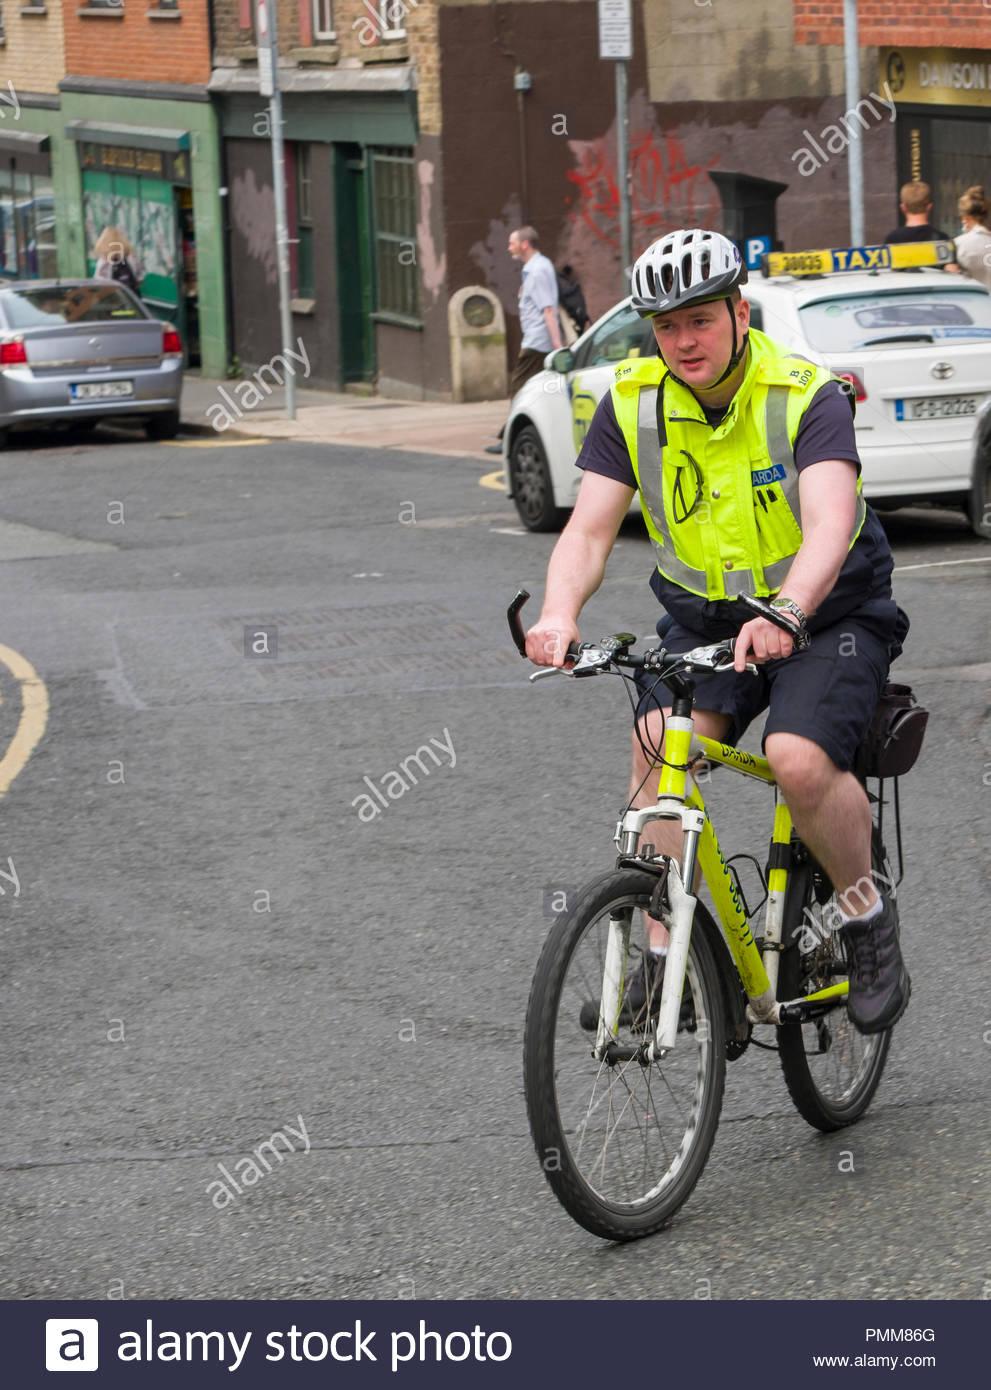 Gardaí- Offizier auf Fahrrad Patrouille mit Helm und reflektierenden Weste, Fishamble Street, Christchurch, Dublin, Leinster, Irland Stockfoto